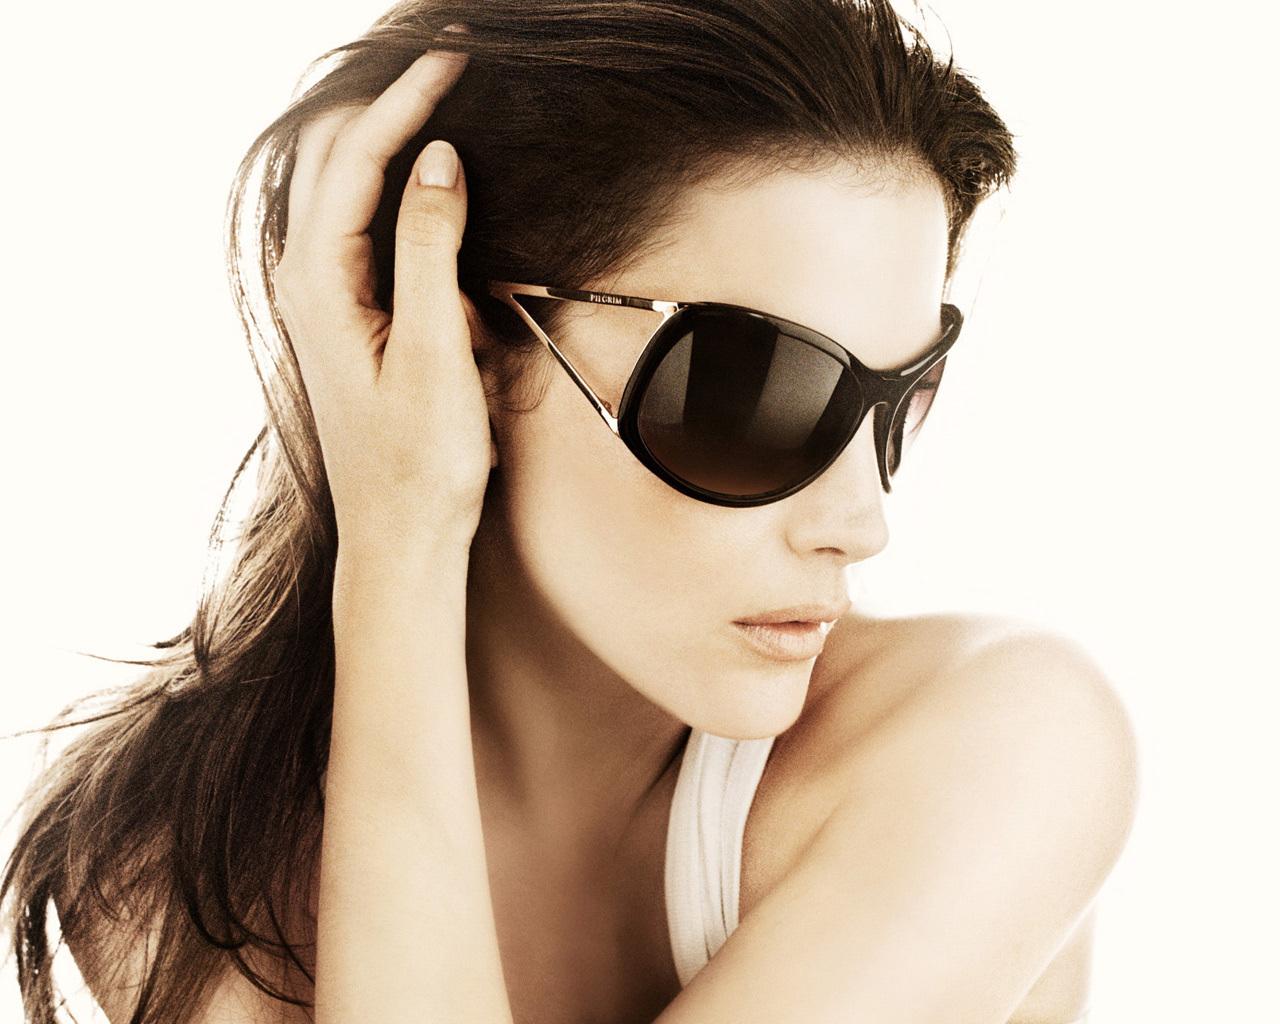 Liv Tyler in Sunglasses